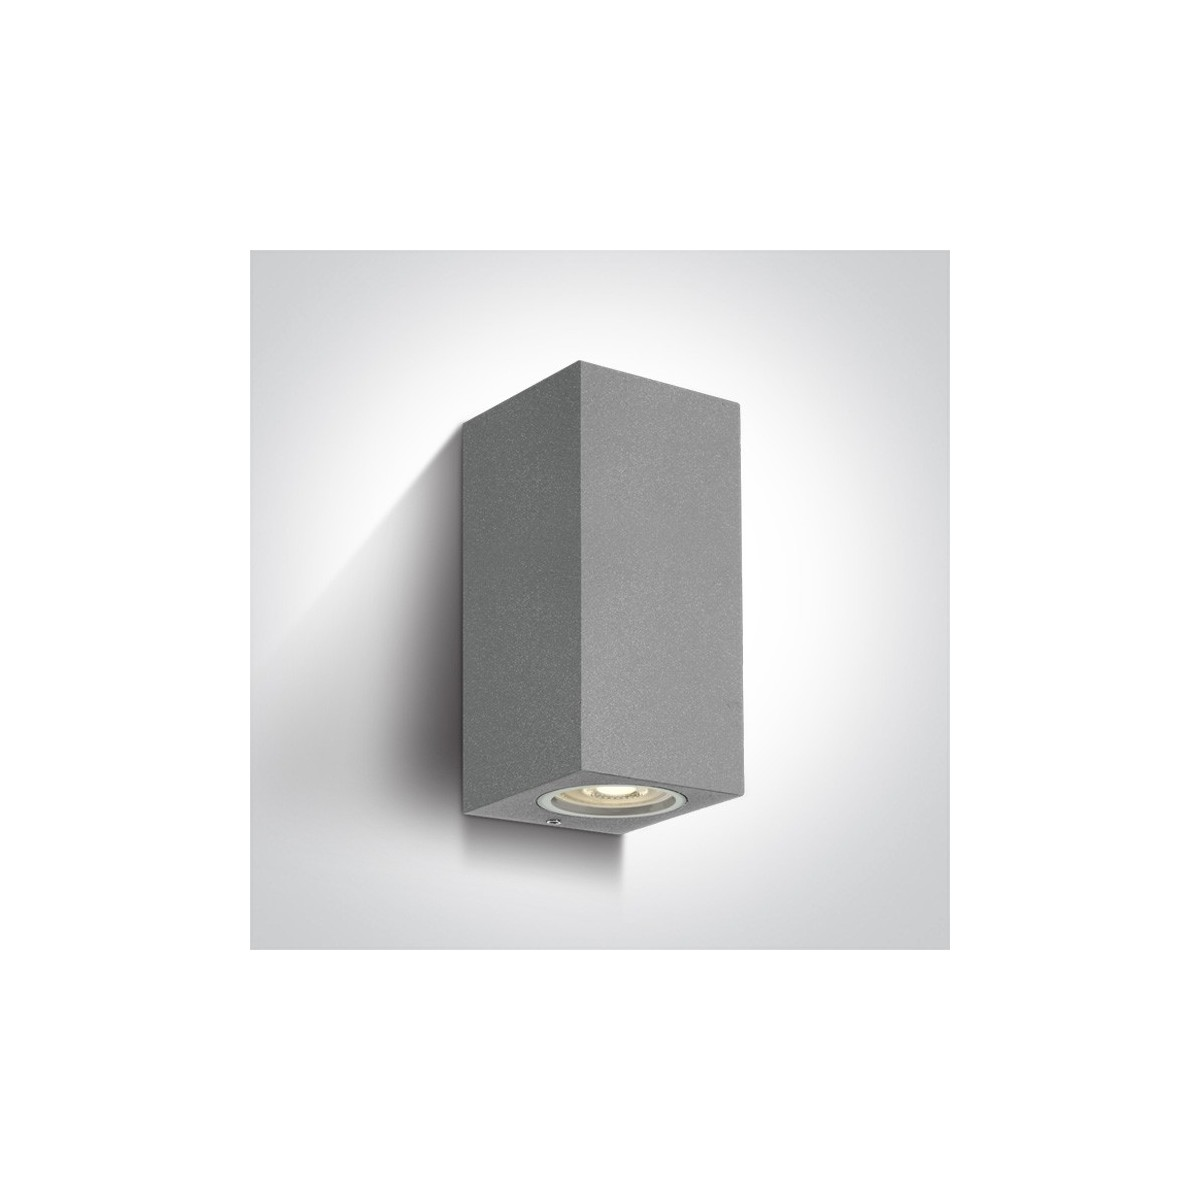 One Light kinkiet szary zewnętrzny dom elewacja Arco 2 67426A/G IP65